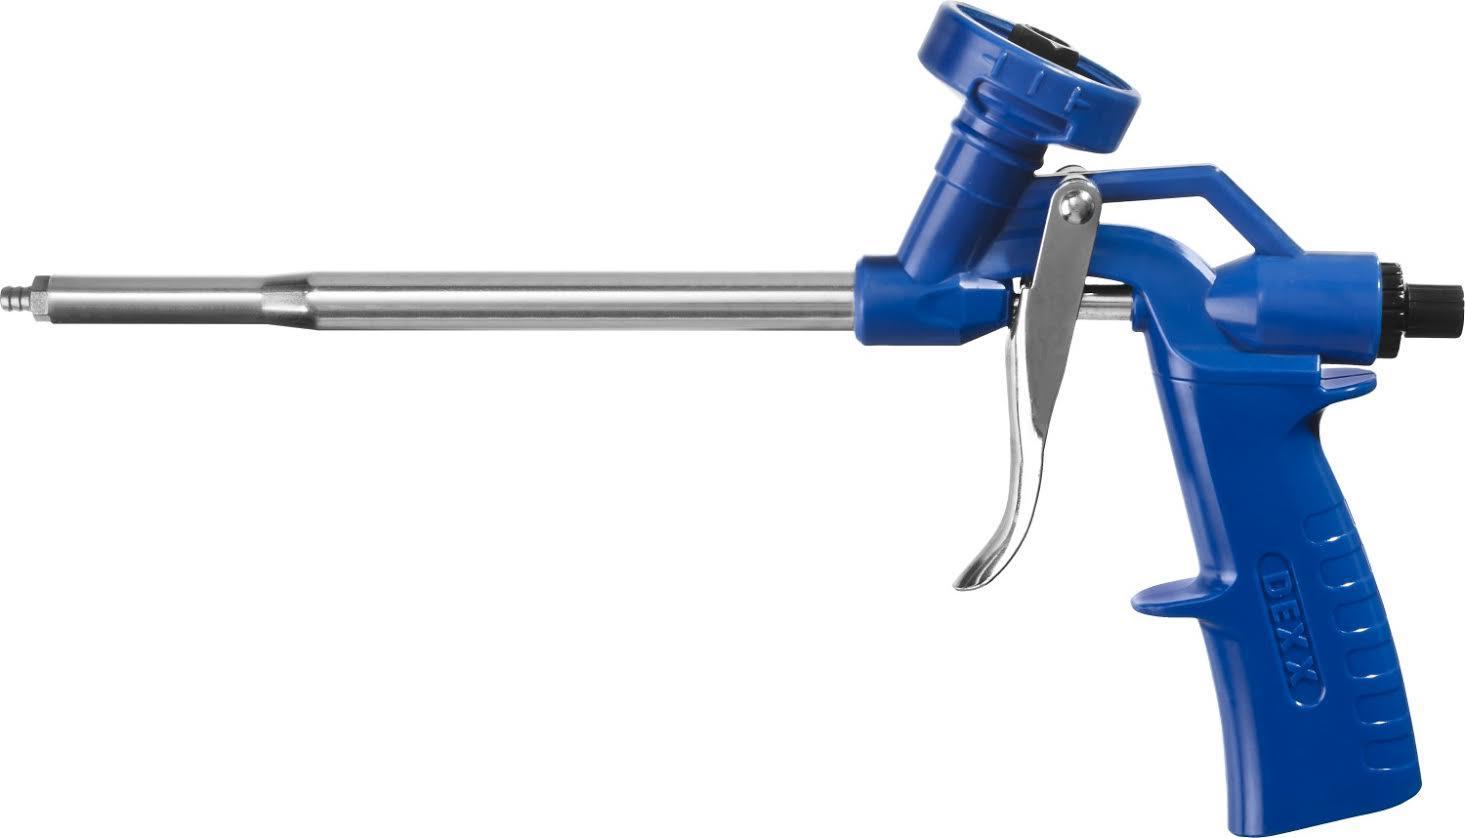 Пистолет для монтажной пены Dexx 06871 СУПЕР